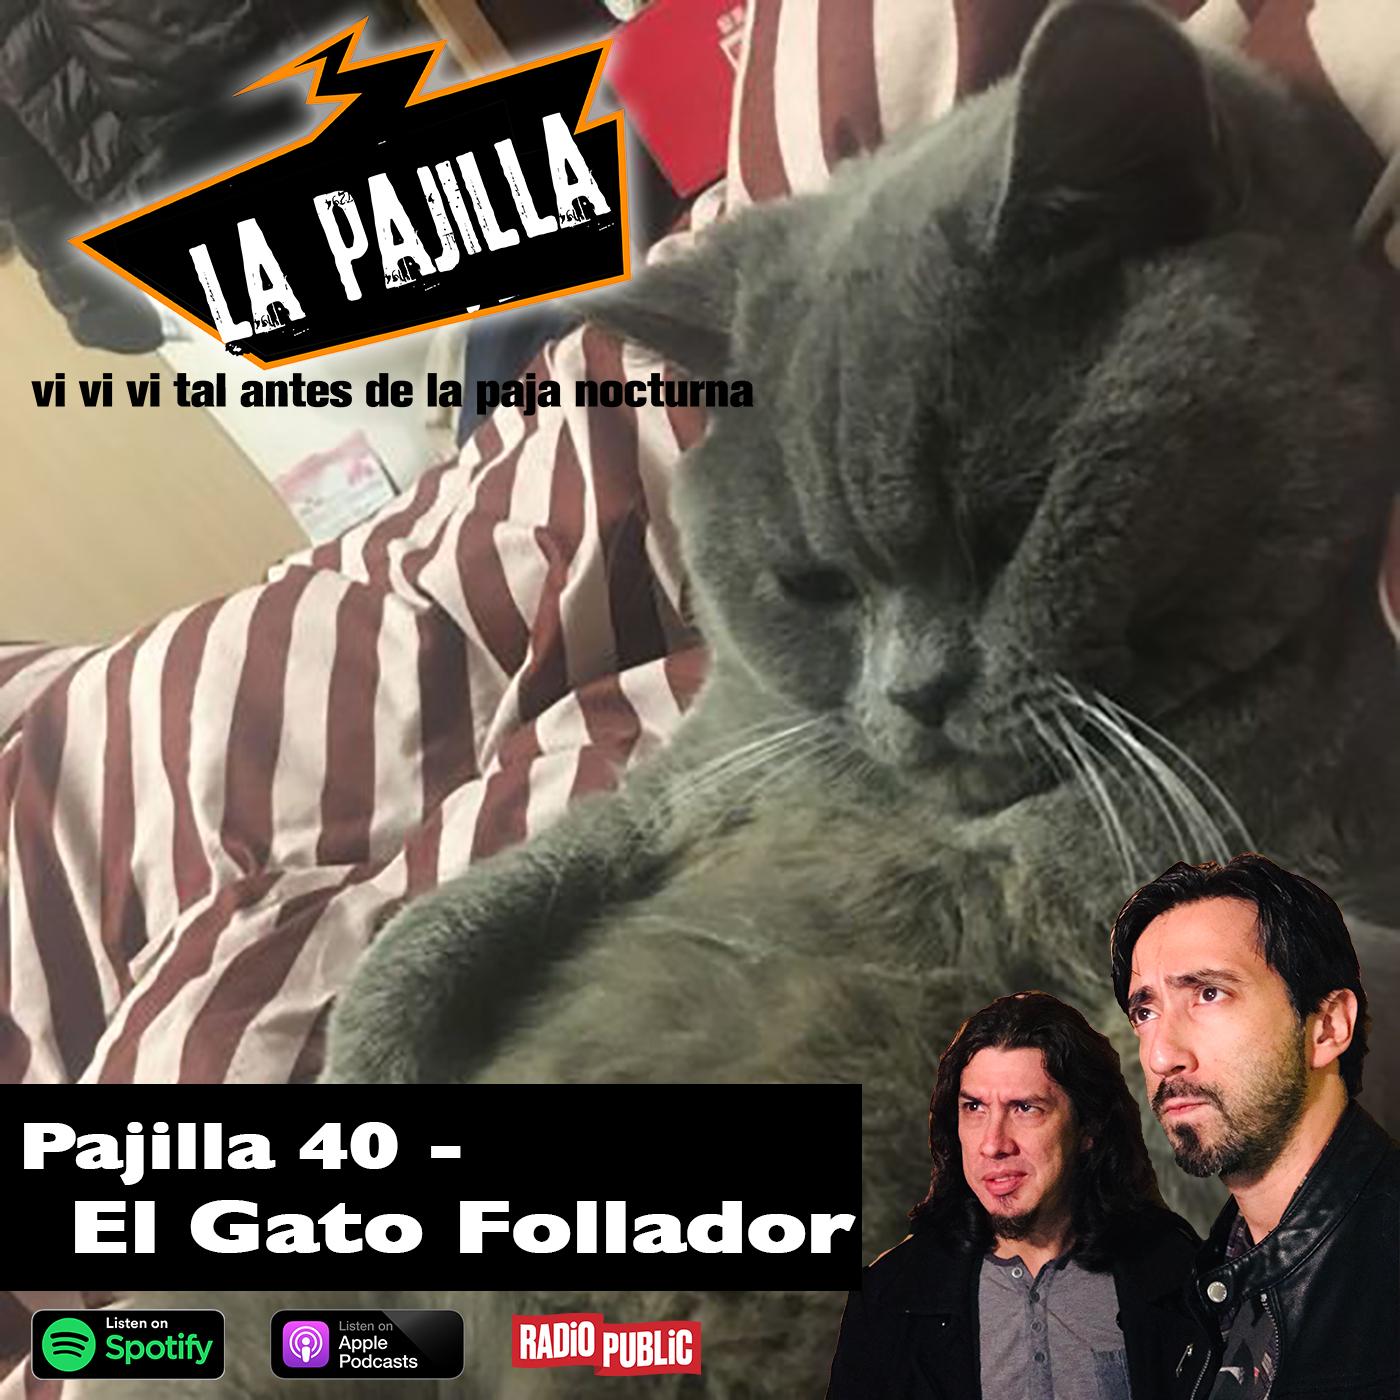 La Paja Nocturna Podcast CR Pajilla 40